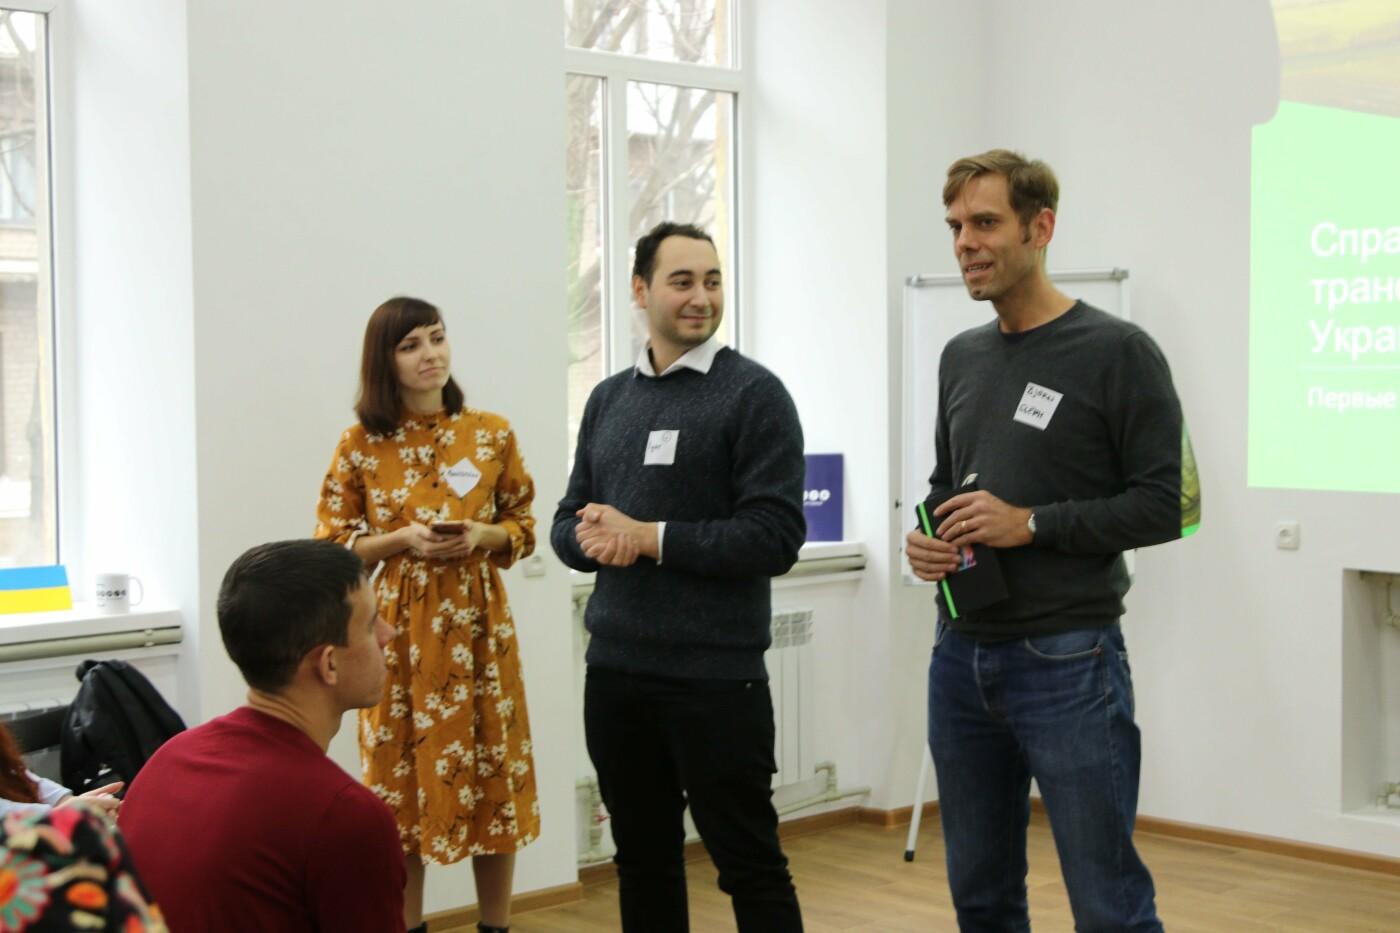 Обмін досвідом та впровадження ідей. Як пройшов екологічний семінар у Слов'янську, фото-1